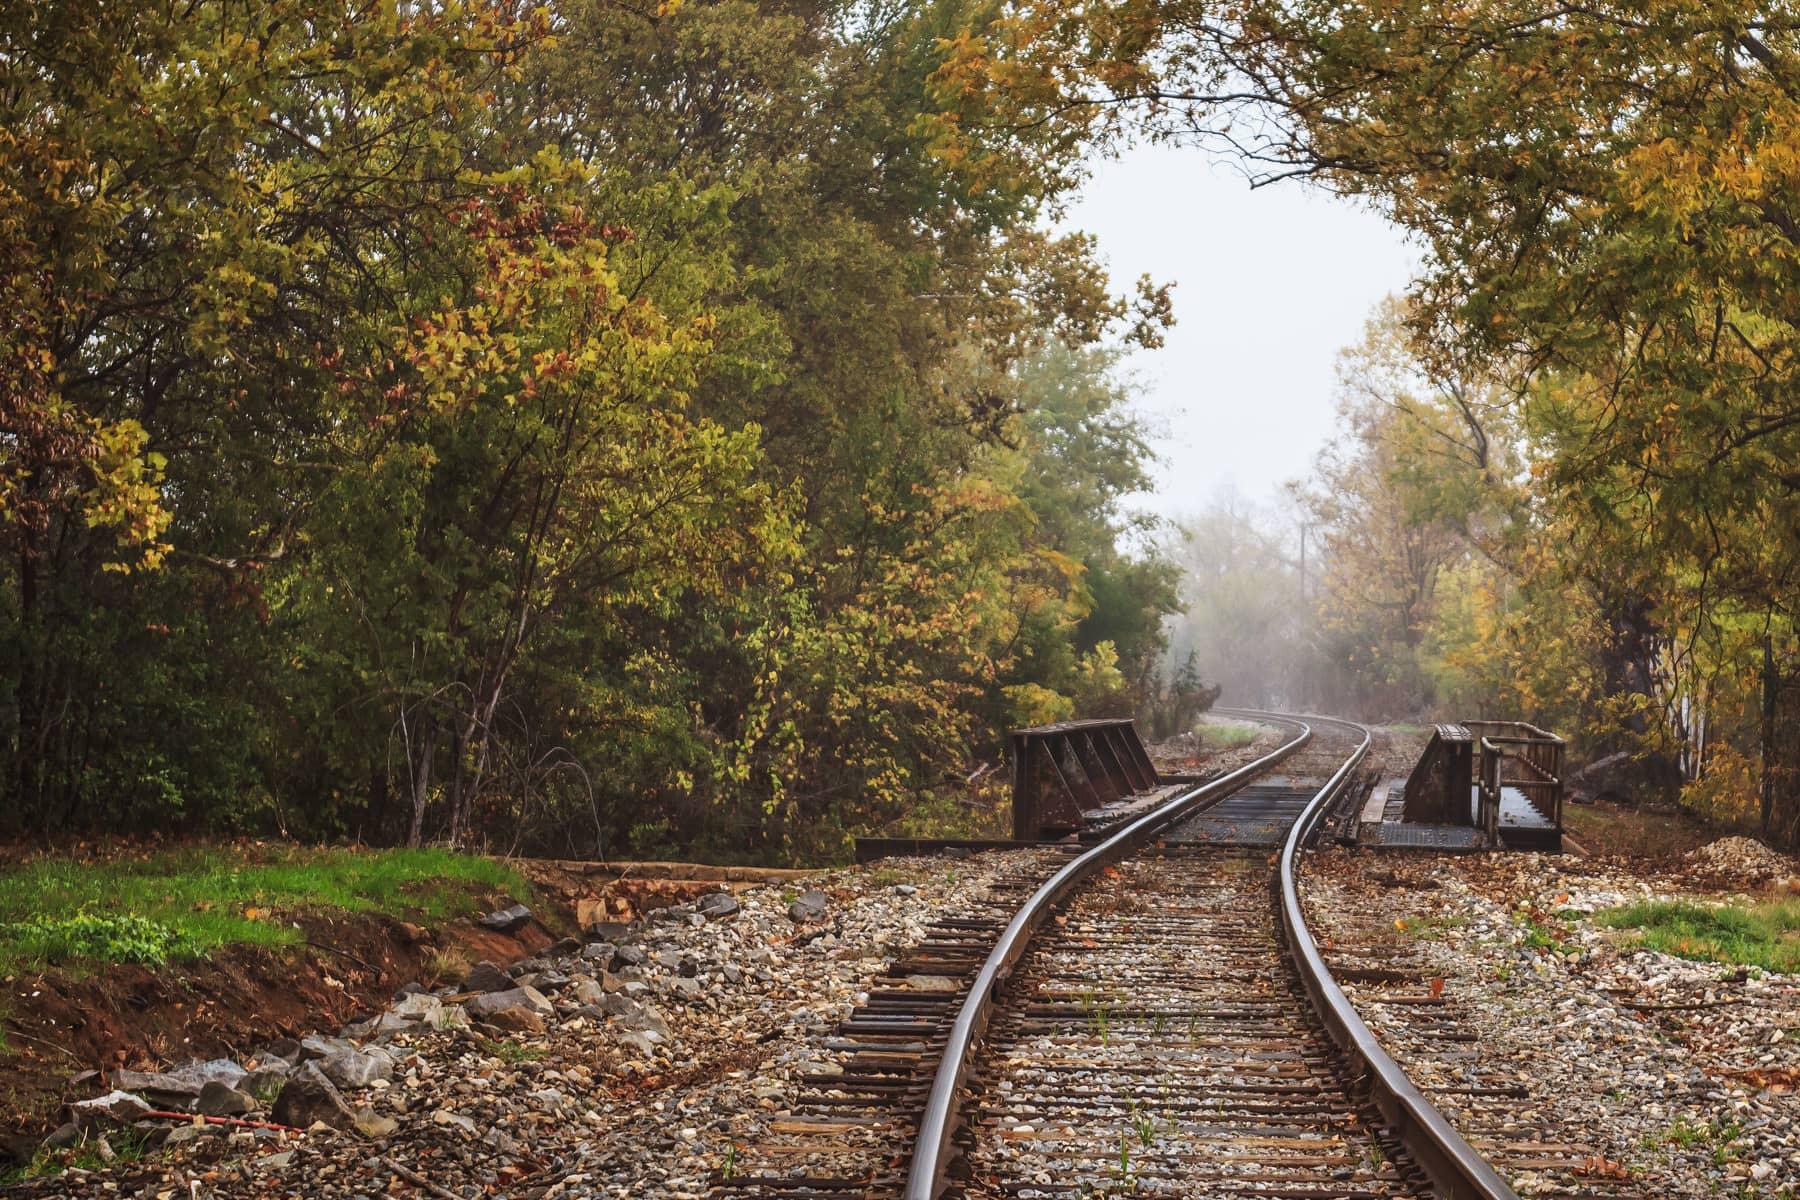 Train tracks lead through the fog near Downtown Tyler, Texas.